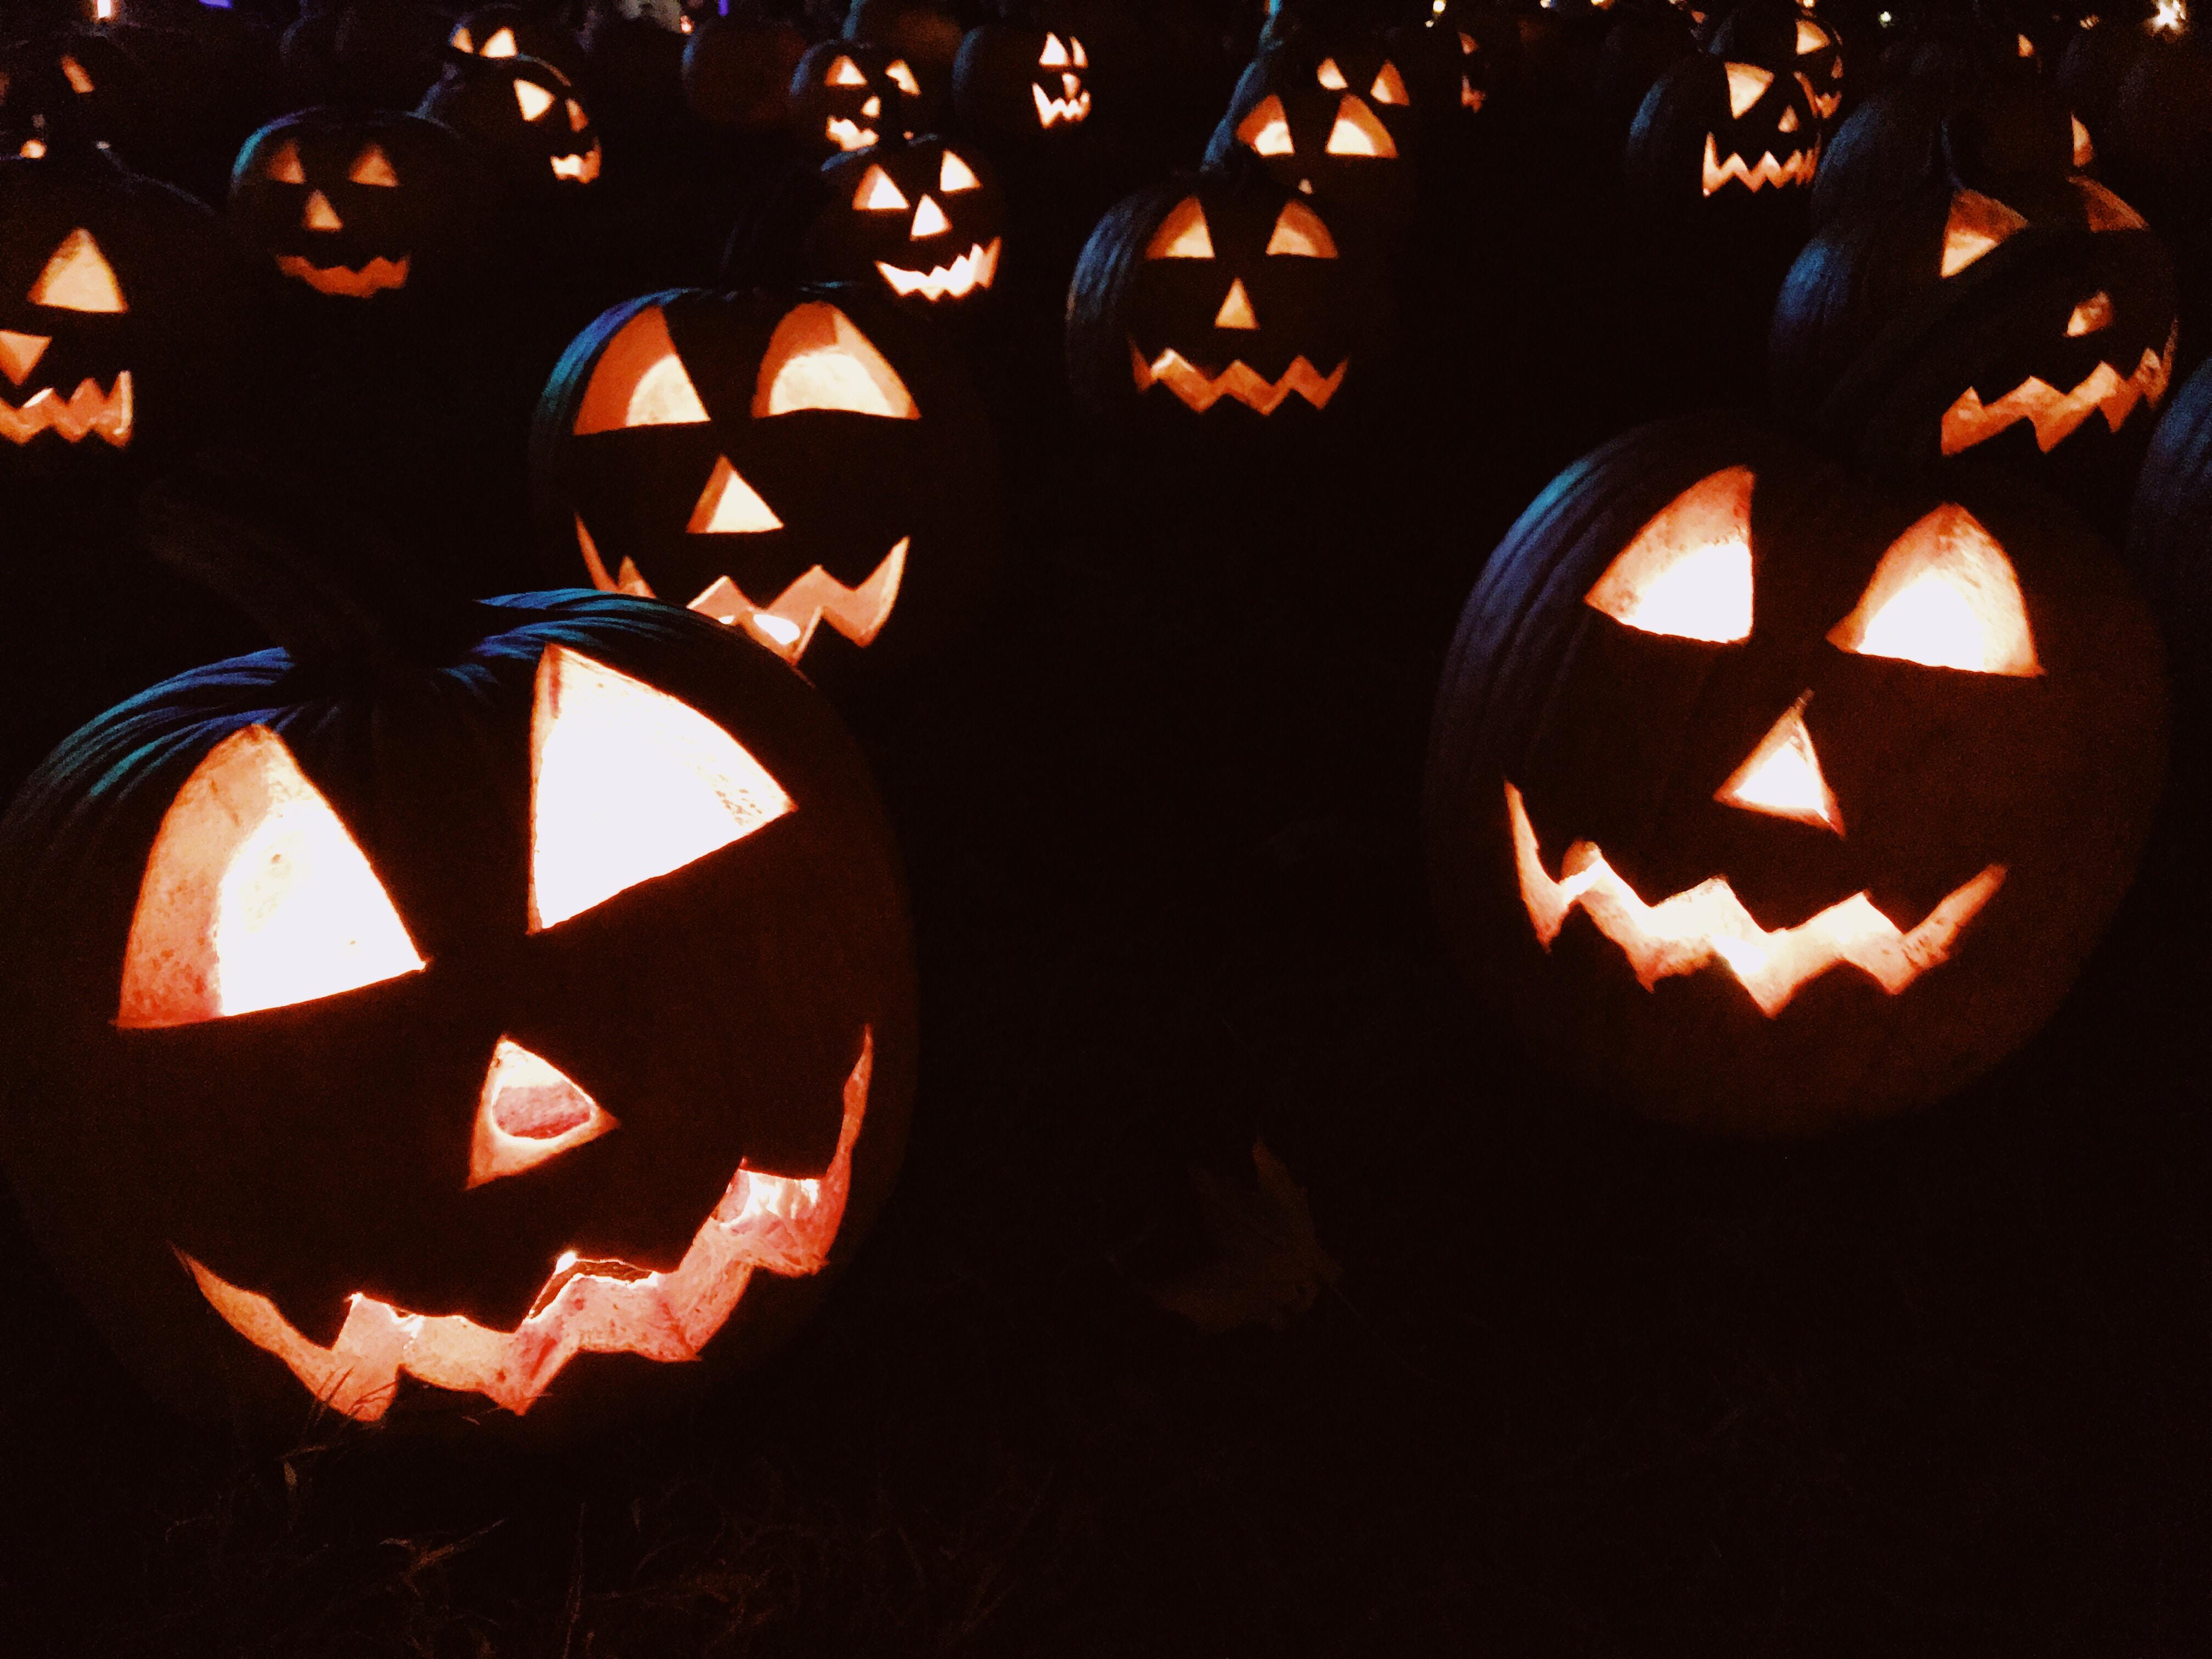 carved jack-o-lantern pumpkins